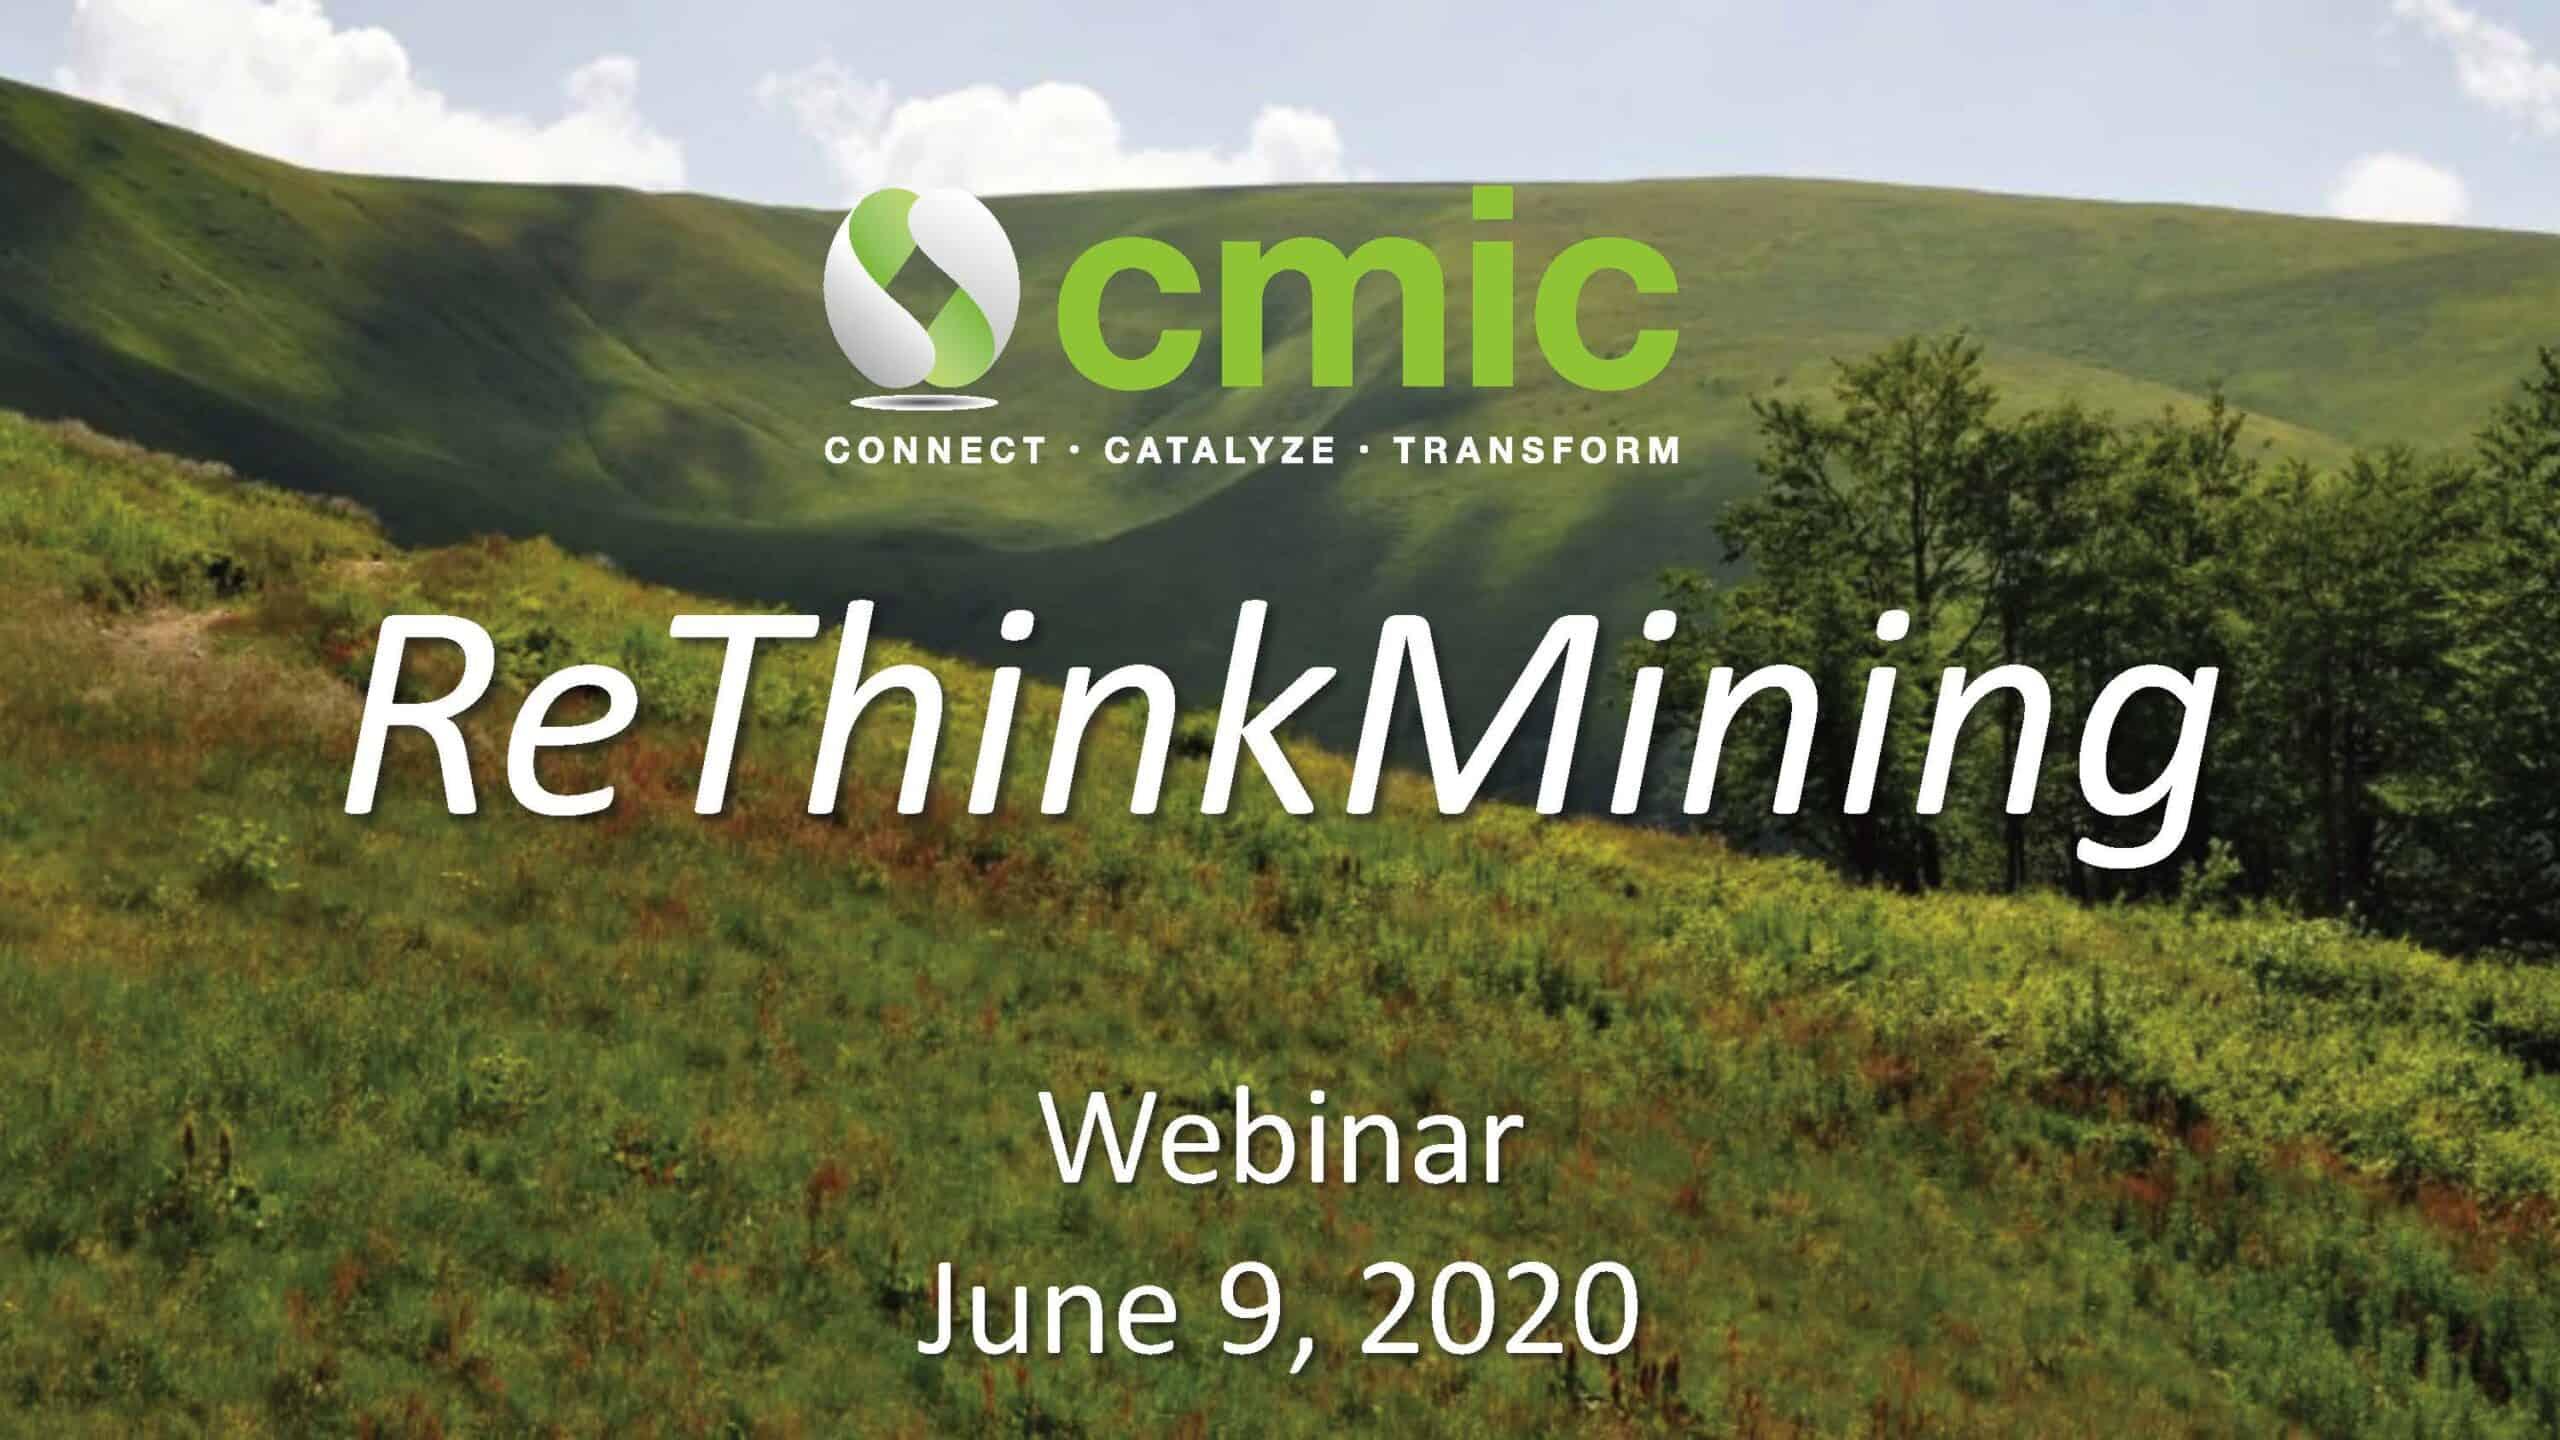 ReThink Mining webinar title slide